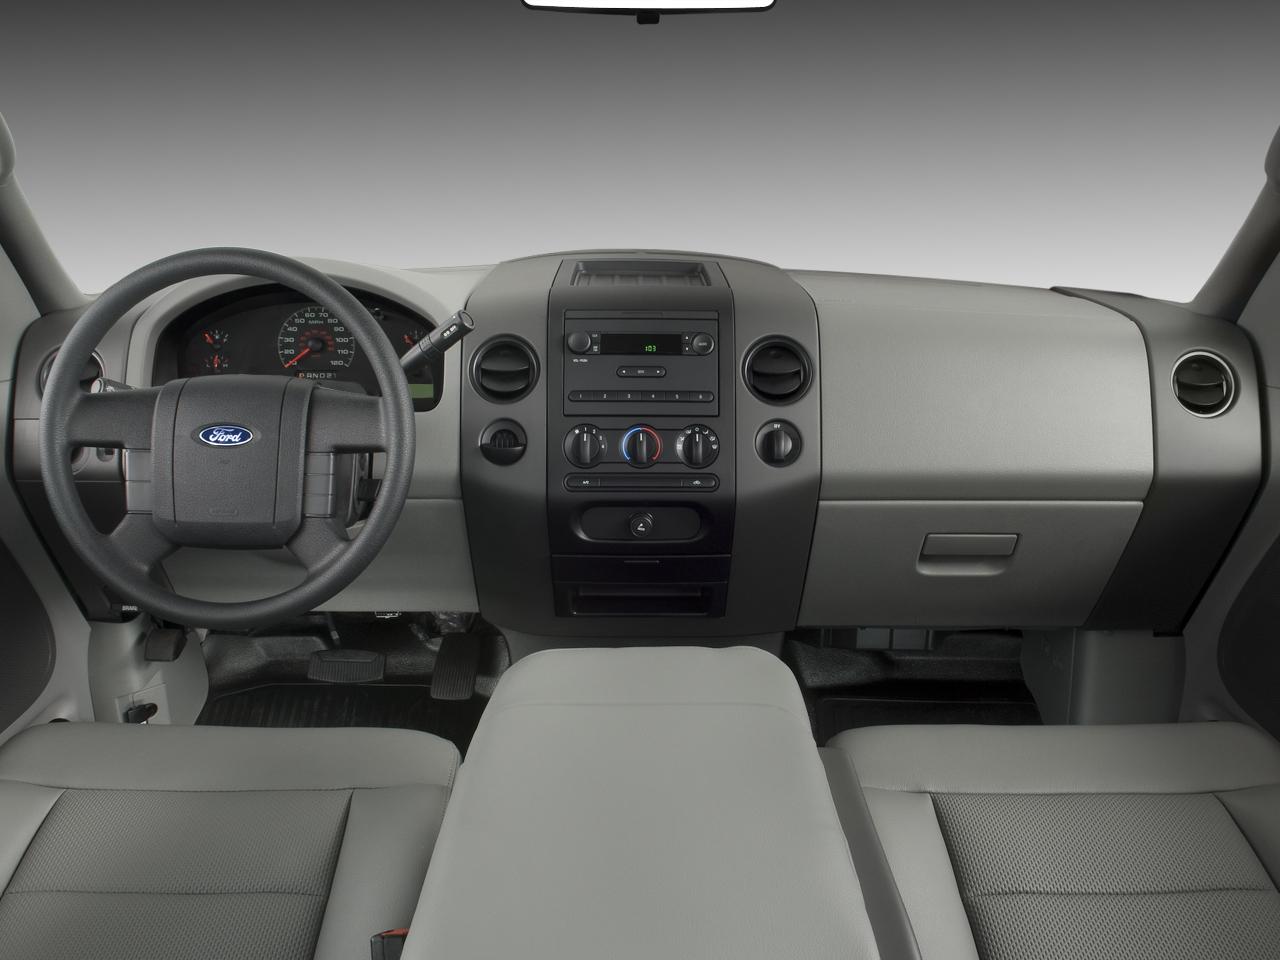 2008 ford f150 4x4 specs